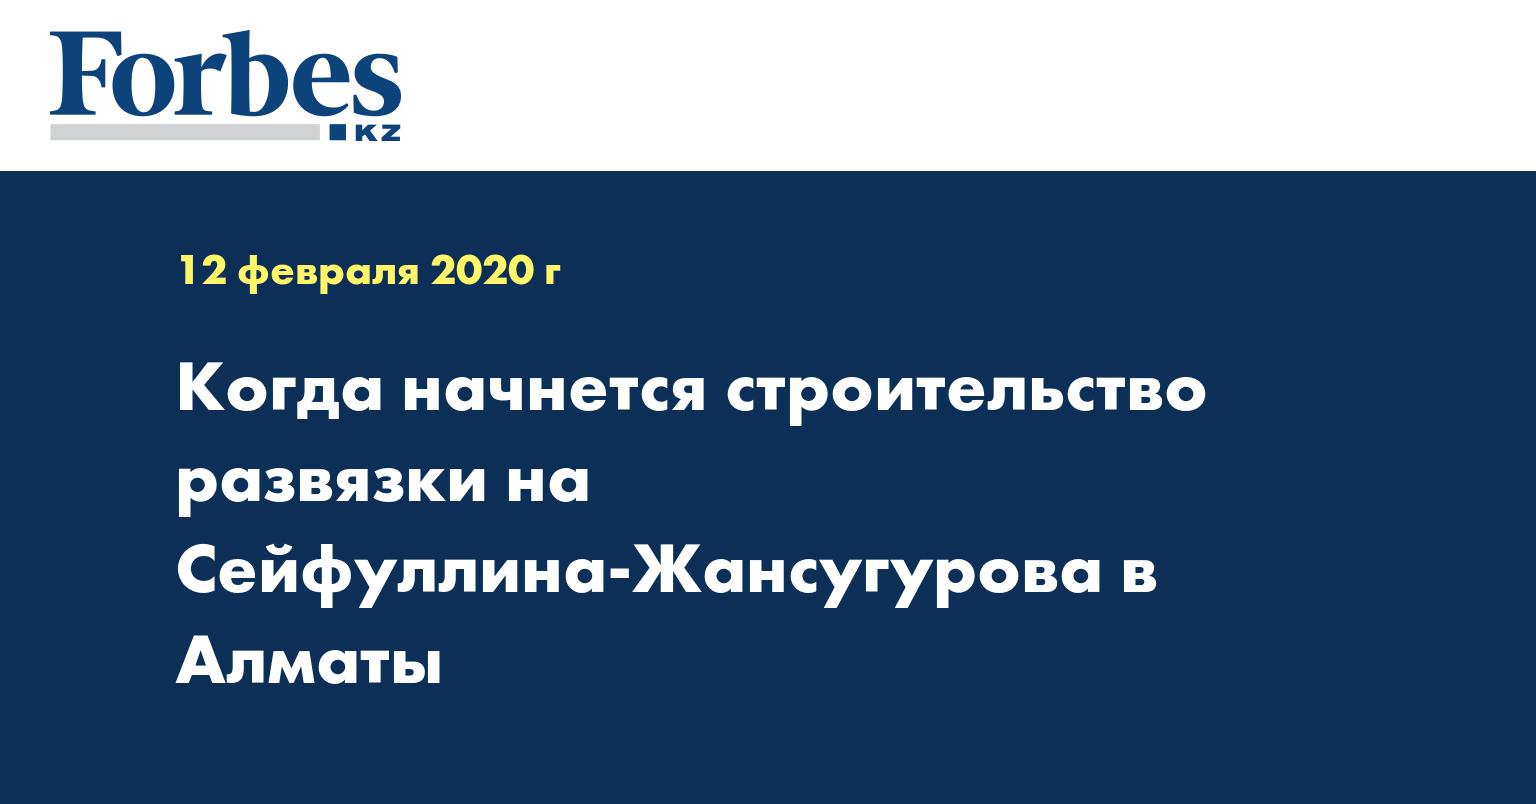 Когда начнется строительство развязки на Сейфуллина-Жансугурова в Алматы